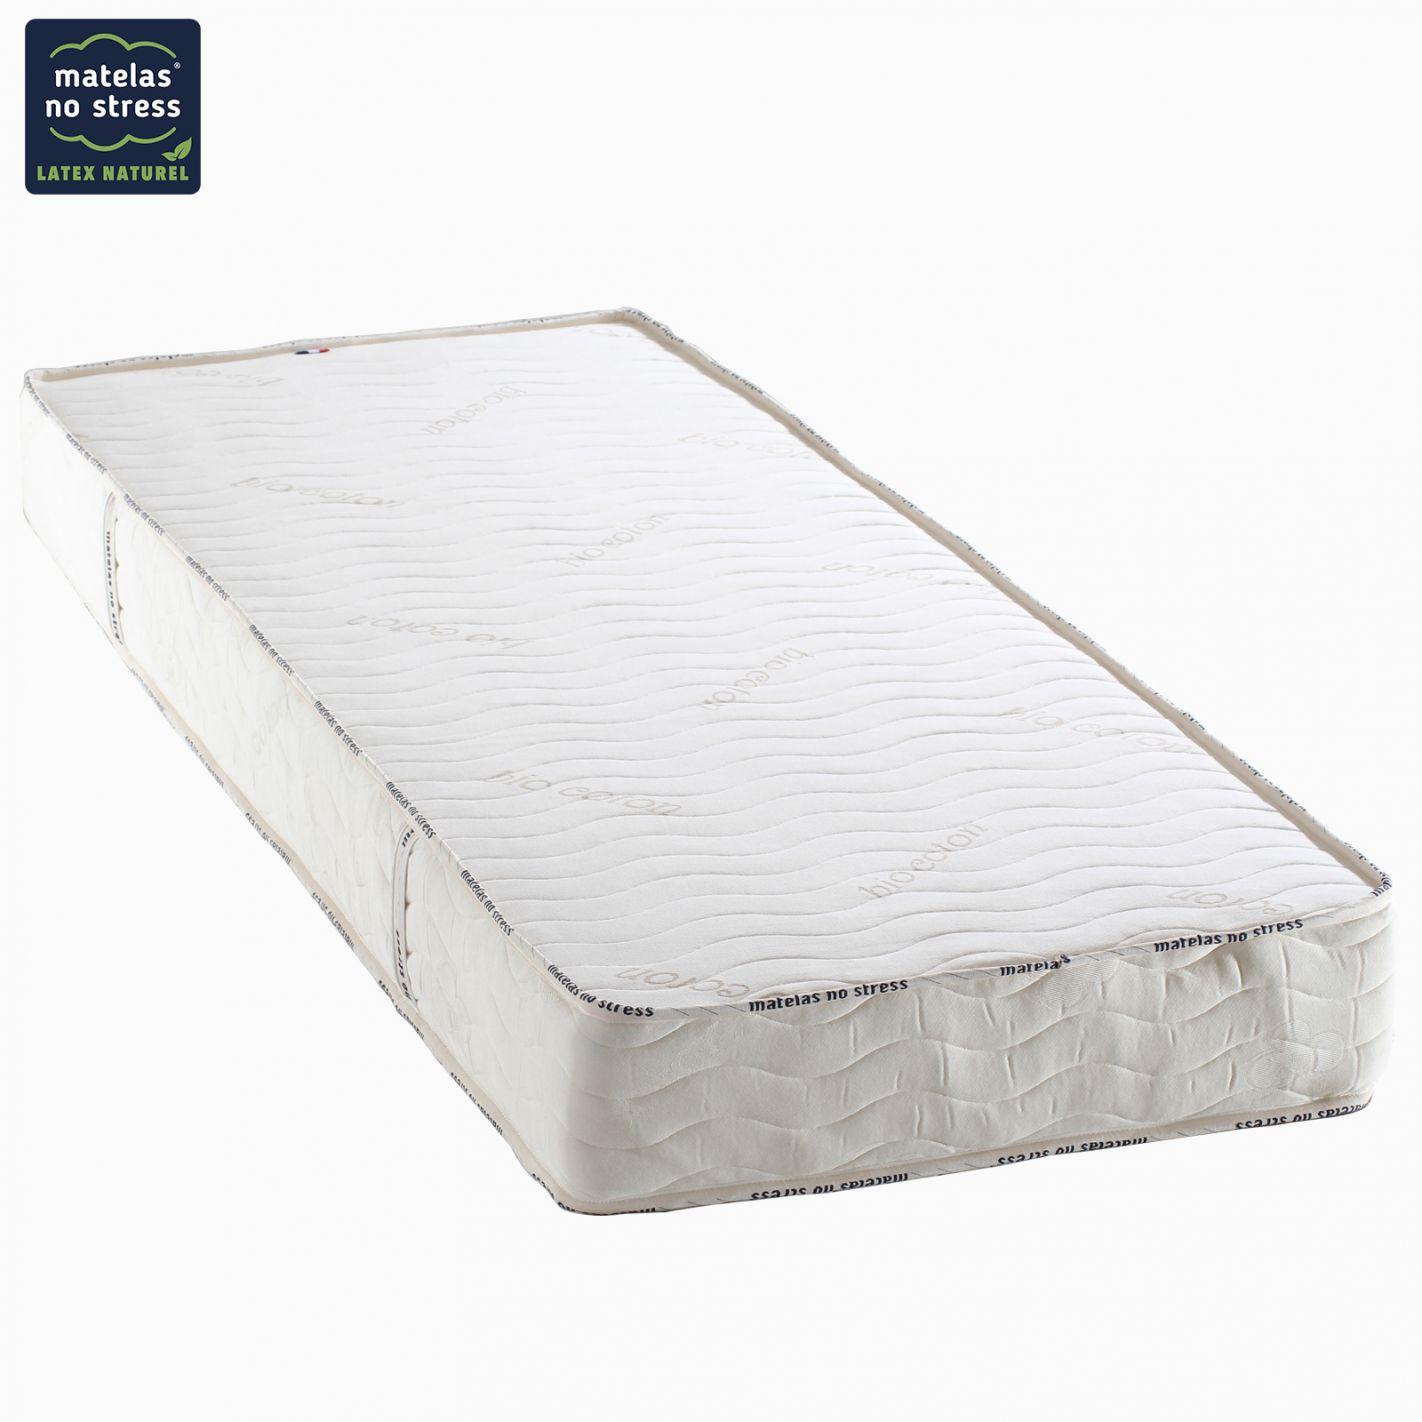 le matelas latex v g tal 100 naturel dimension du matelas 70x190. Black Bedroom Furniture Sets. Home Design Ideas